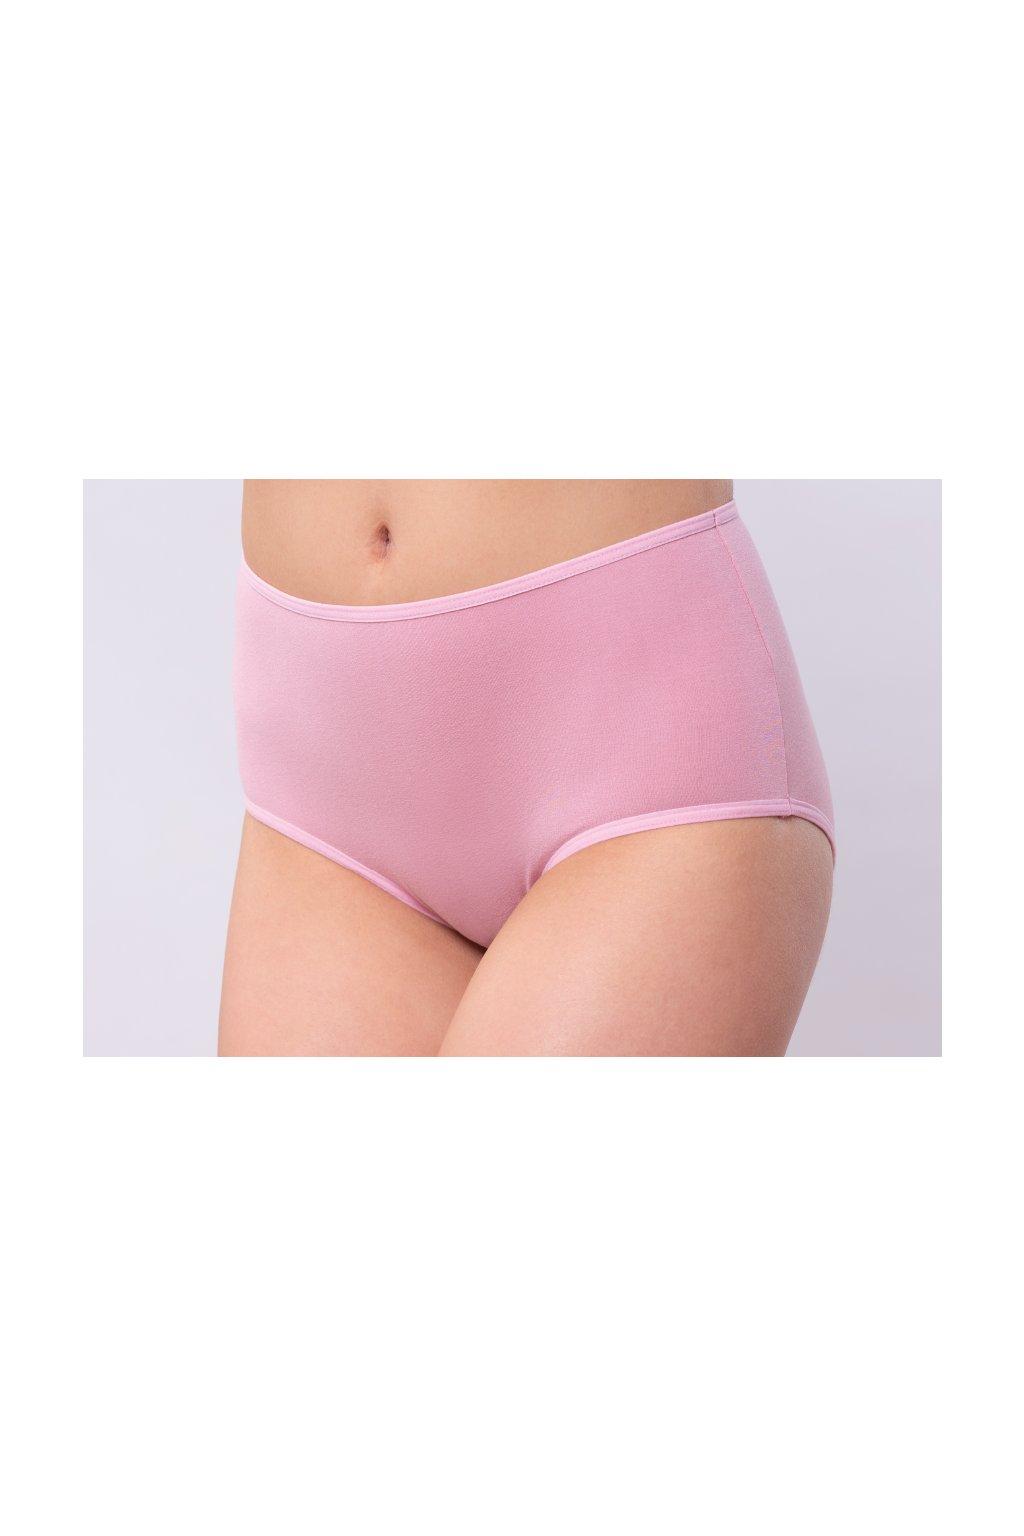 Dámské kalhotky, 100185 146, růžová